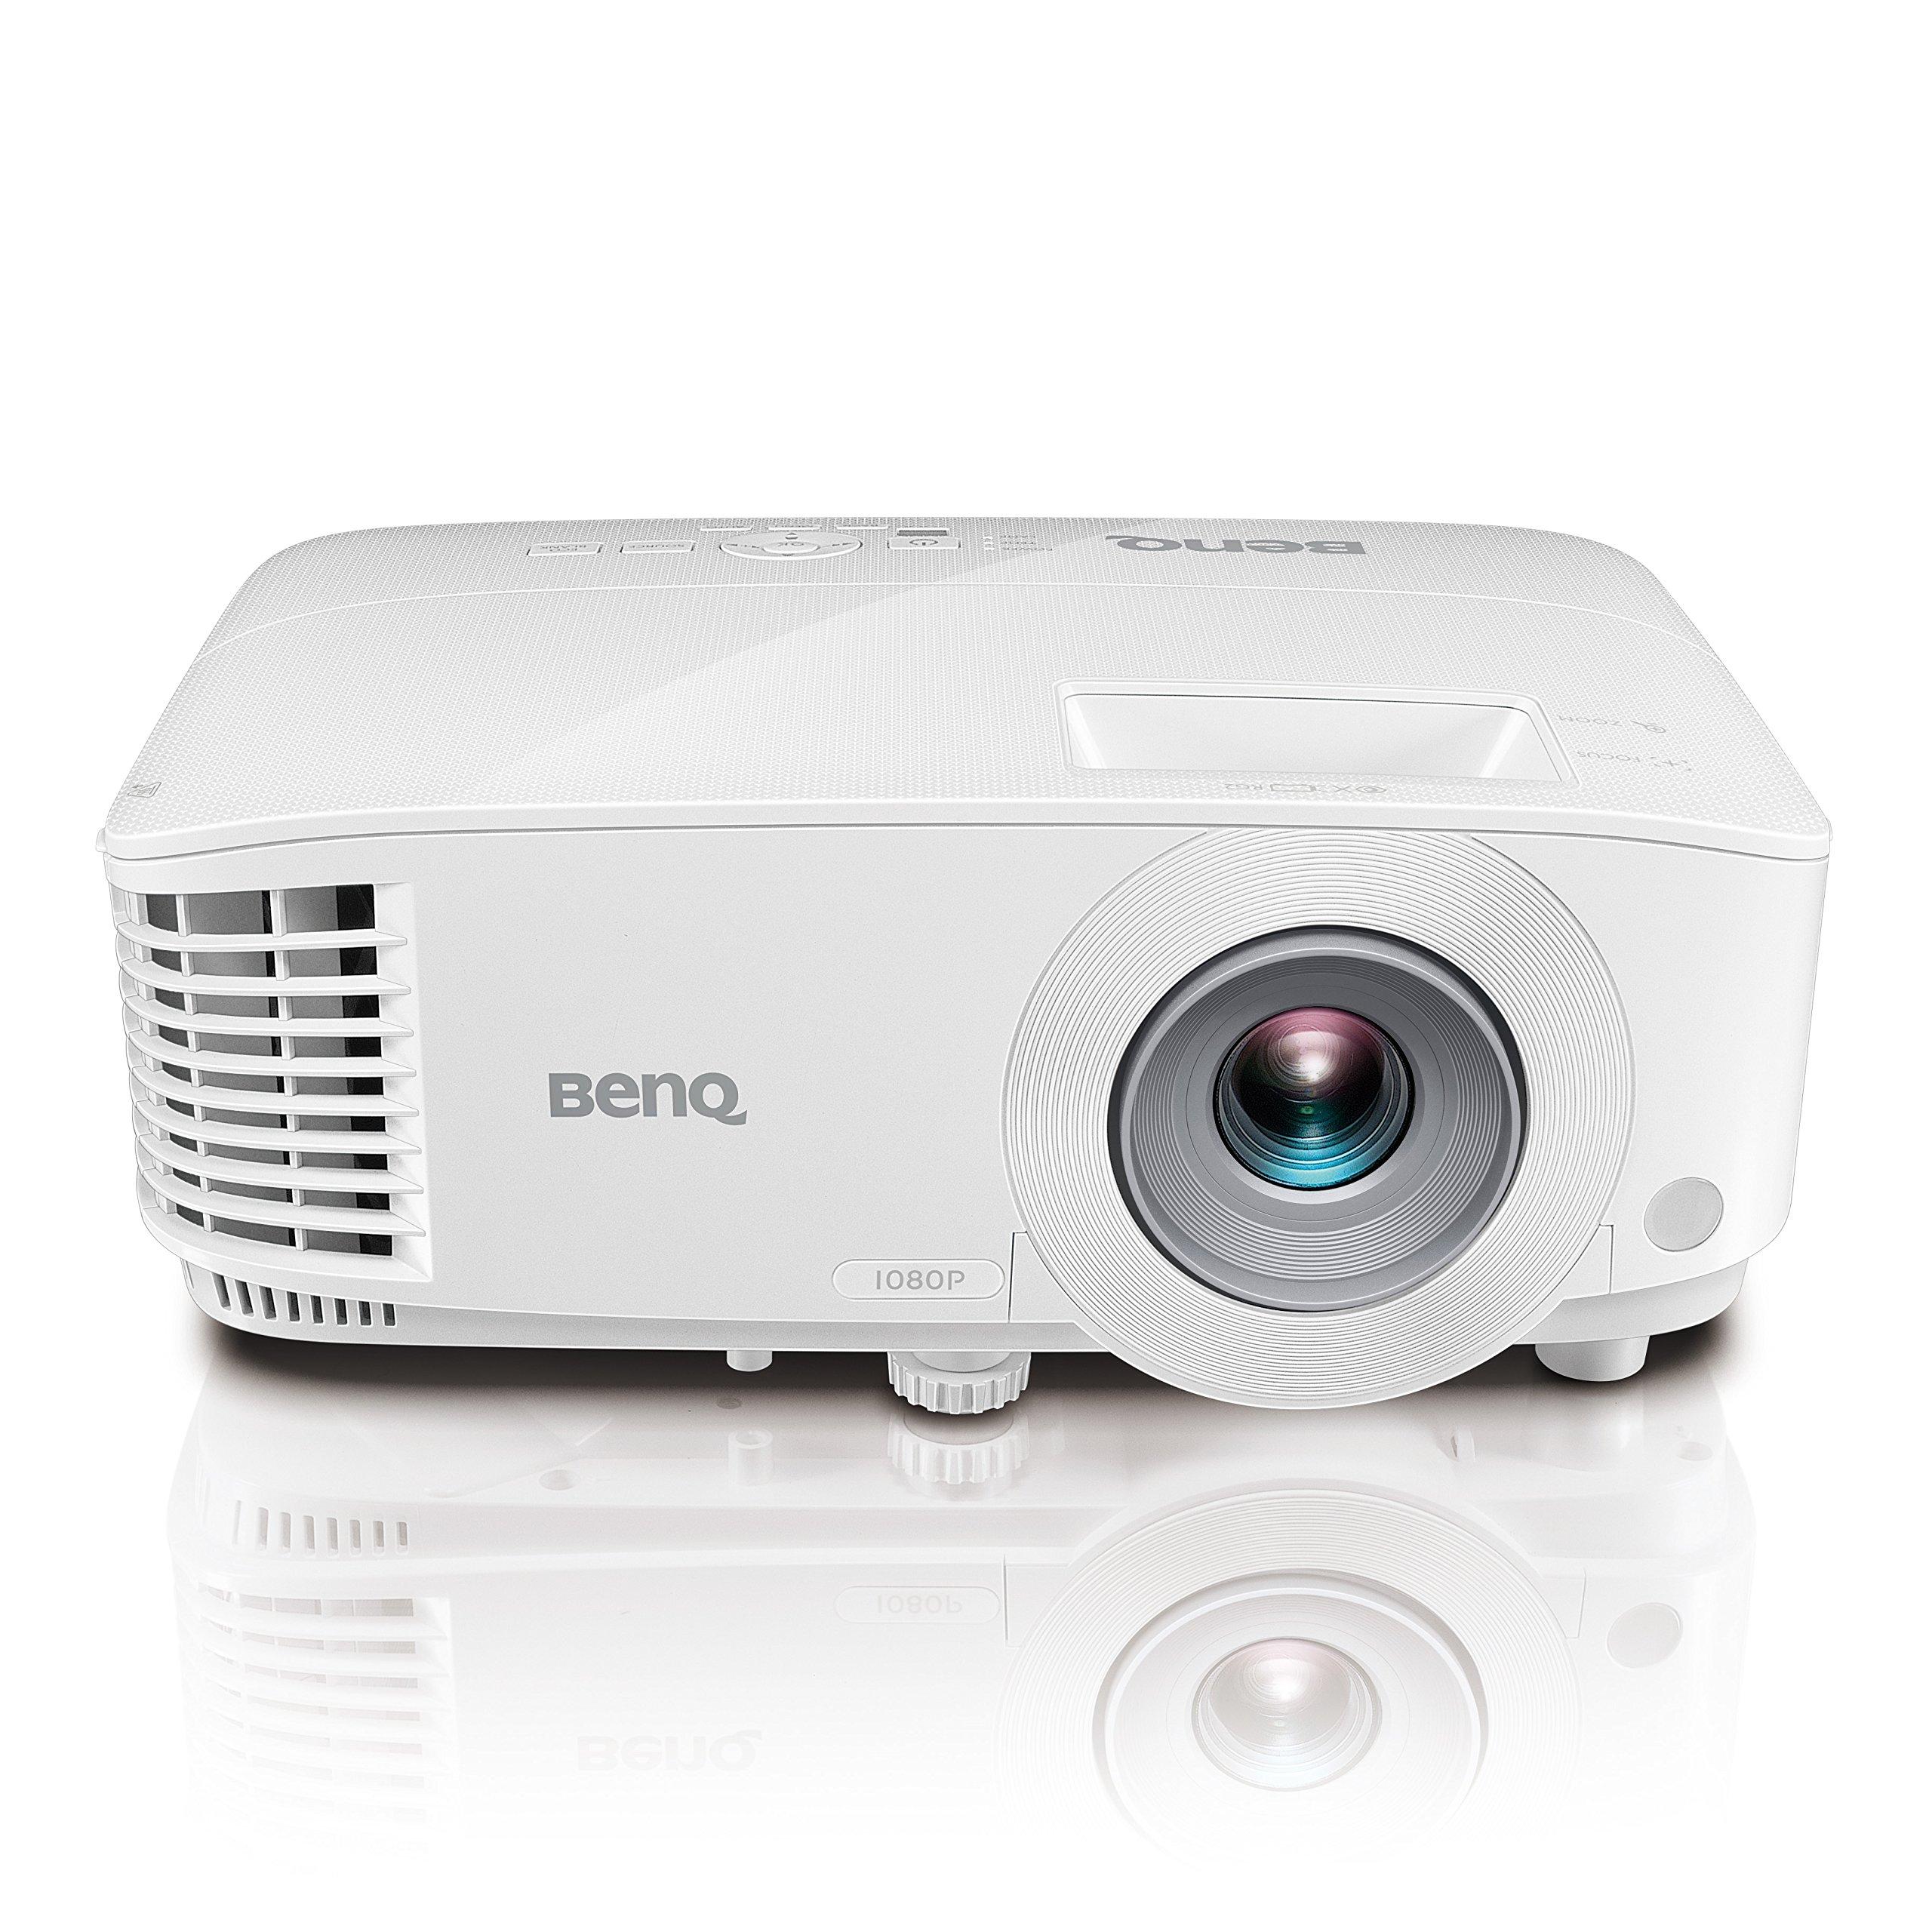 """BenQ 1080p DLP Business Projector (MH733), 4000 Lumens, Full HD 1920x1080, Wireless, Network, 3D, HDMI, USB Reader, 10W Speaker, LAN Control, 100""""@8.2ft, 1.3x Zoom"""